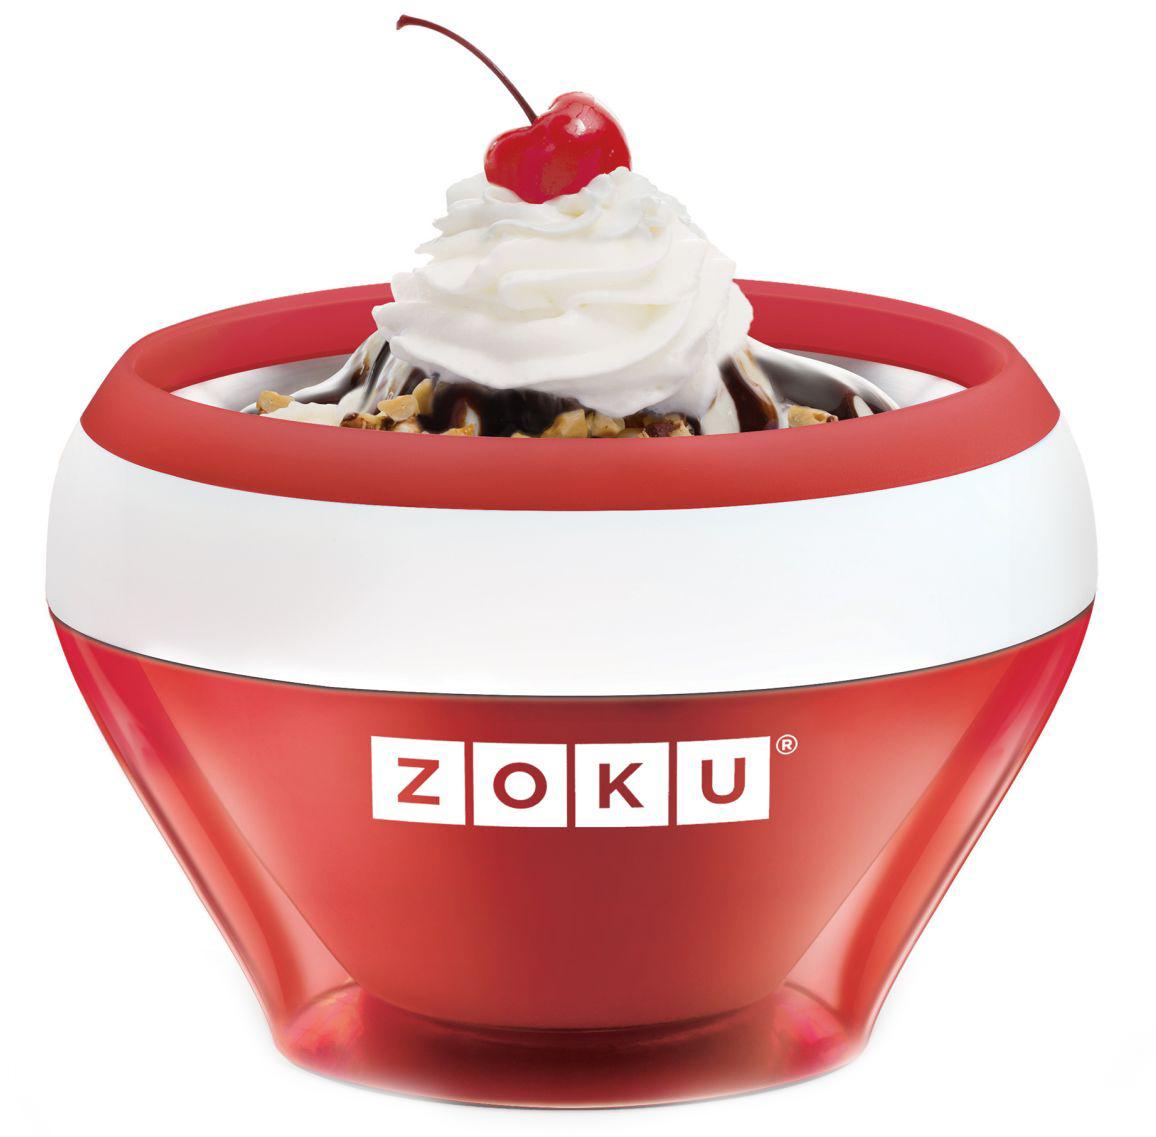 Форма для мороженого Zoku Ice Cream Maker, цвет: красный, 150 мл. ZK120-RD851318С формы для мороженого Zoku Ice Cream Maker вы сможете быстро и без усилий приготовить натуральные домашние десерты - мороженое, сорбет, щербет, замороженный йогурт, заварной крем и прочие лакомства. Почувствуйте себя настоящим профессионалом – создавайте вкусные и полезные десерты на основе натуральных ингредиентов. Комбинируйте вкусовые добавки и украшайте готовое мороженое фруктами, сладкими или пряными присыпками, орехами и шоколадом.Применение: поместите внутреннюю пустую форму в морозильную камеру на двенадцать и более часов. Форма должна быть абсолютно сухой и располагаться вертикально. Через двенадцать часов верните ее во внешний корпус и наполните желаемыми продуктами. Все ингредиенты должны быть охлажденными. Сразу начинайте перемешивать массу с помощью специальной ложки. Не давайте краям примерзнуть к форме. Через 7-10 минут ваш десерт готов. Для получения твердого мороженого поместите форму в морозильную камеру на дополнительные 10-15 минут. Не содержит вредных примесей и бисфенола-А. Не подходит для использования в микроволновой печи.Размеры: 13,8 х 9,4 х 13,8 см.